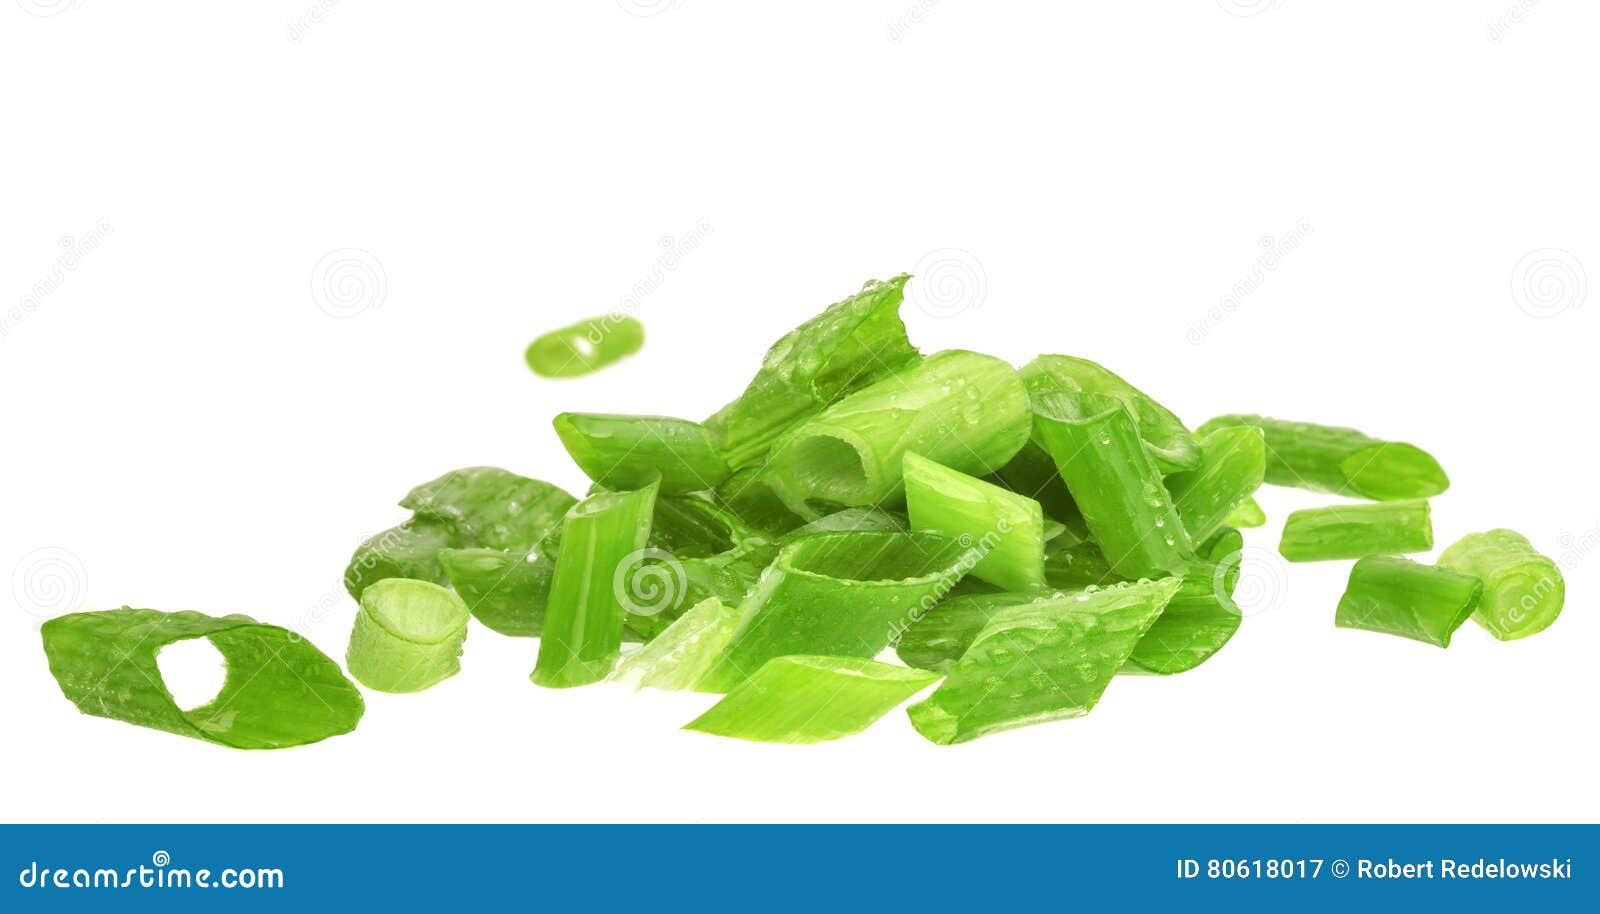 Bieslook De groene ui van de besnoeiing